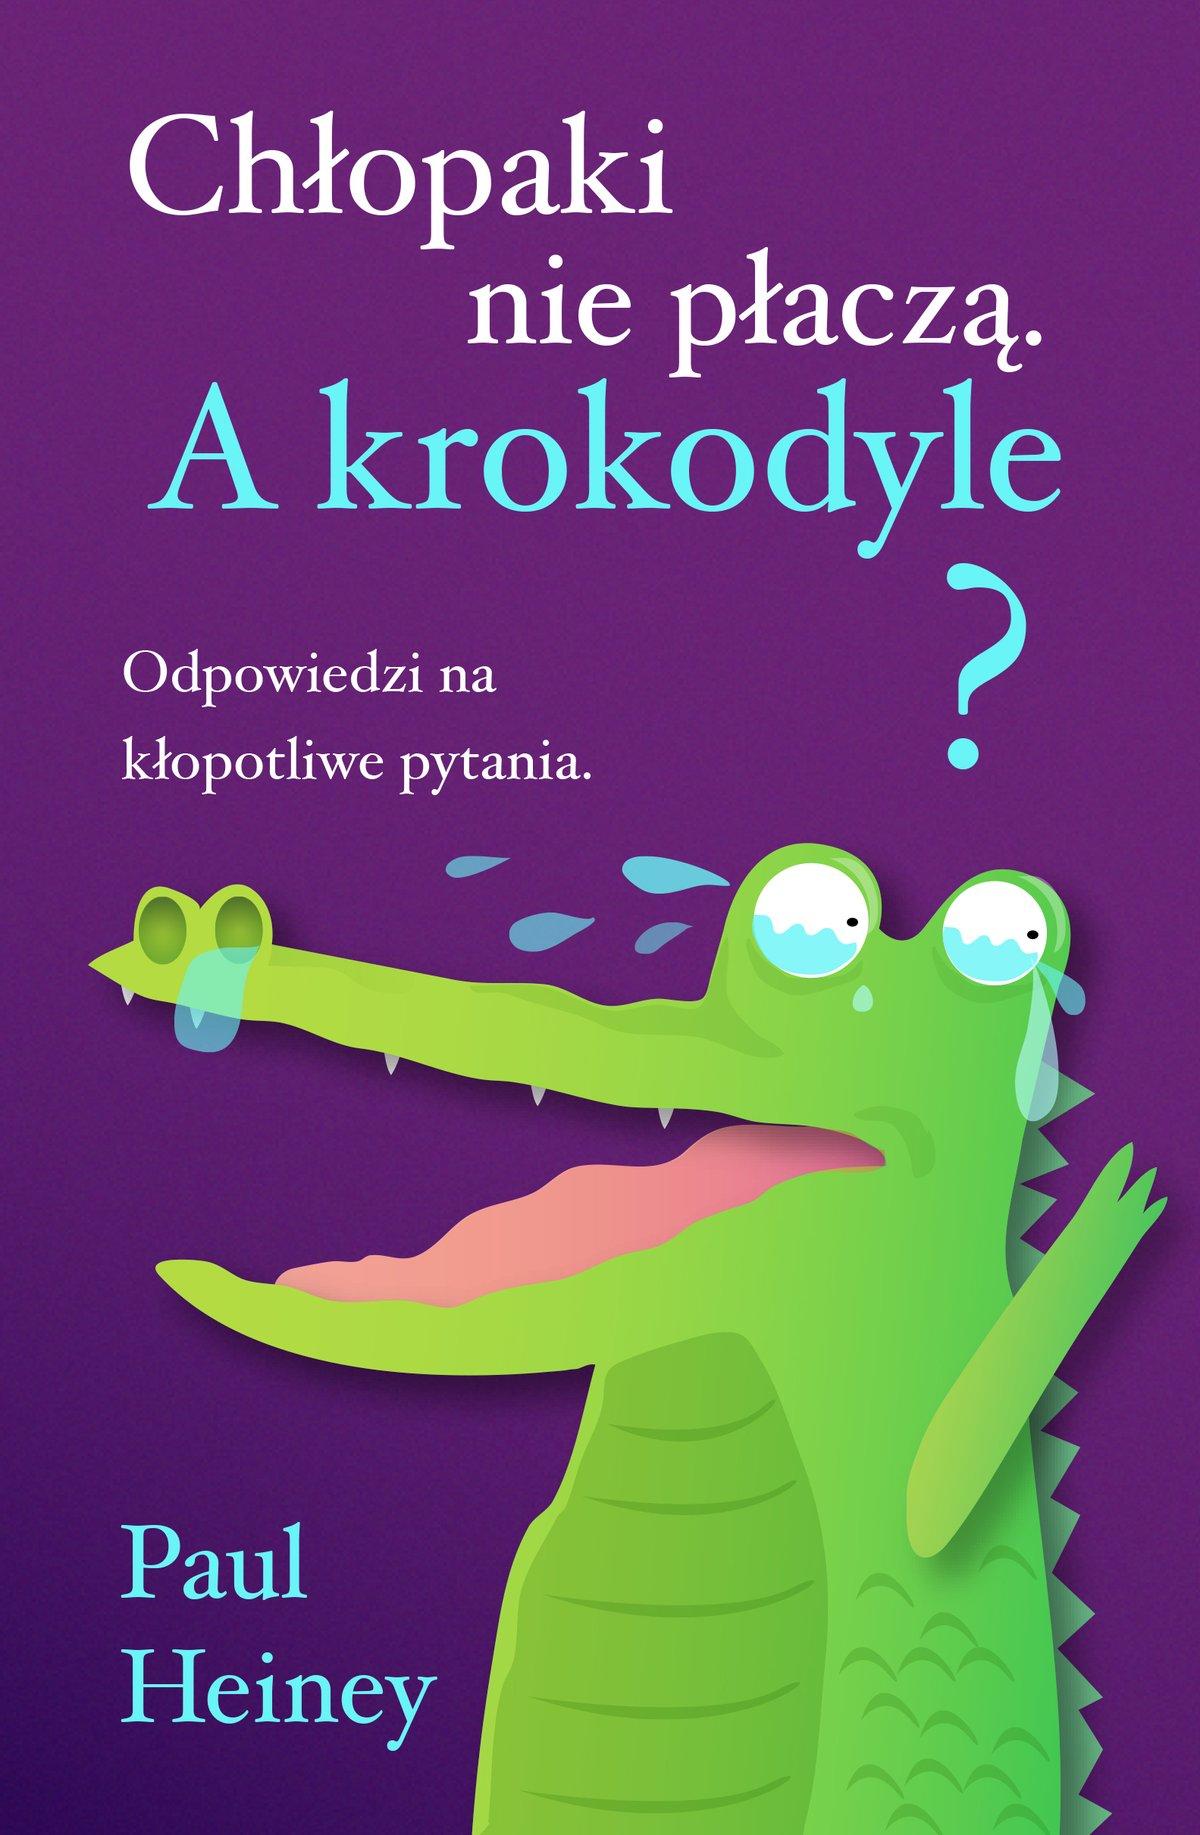 Chłopaki nie płaczą. A krokodyle? - Ebook (Książka EPUB) do pobrania w formacie EPUB